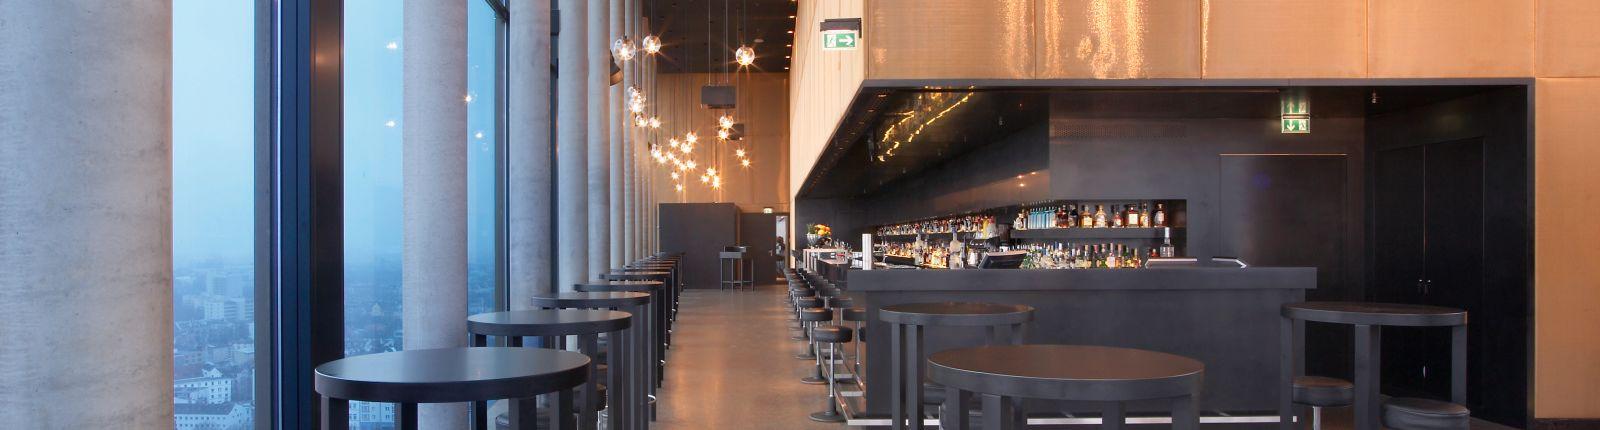 Die Wandverkleidung aus Bronzegewebe des Typs Mandarin verbessert die Raumakustik und setzt optische Akzente bei der Innenarchitektur des Hotels in Hamburg.